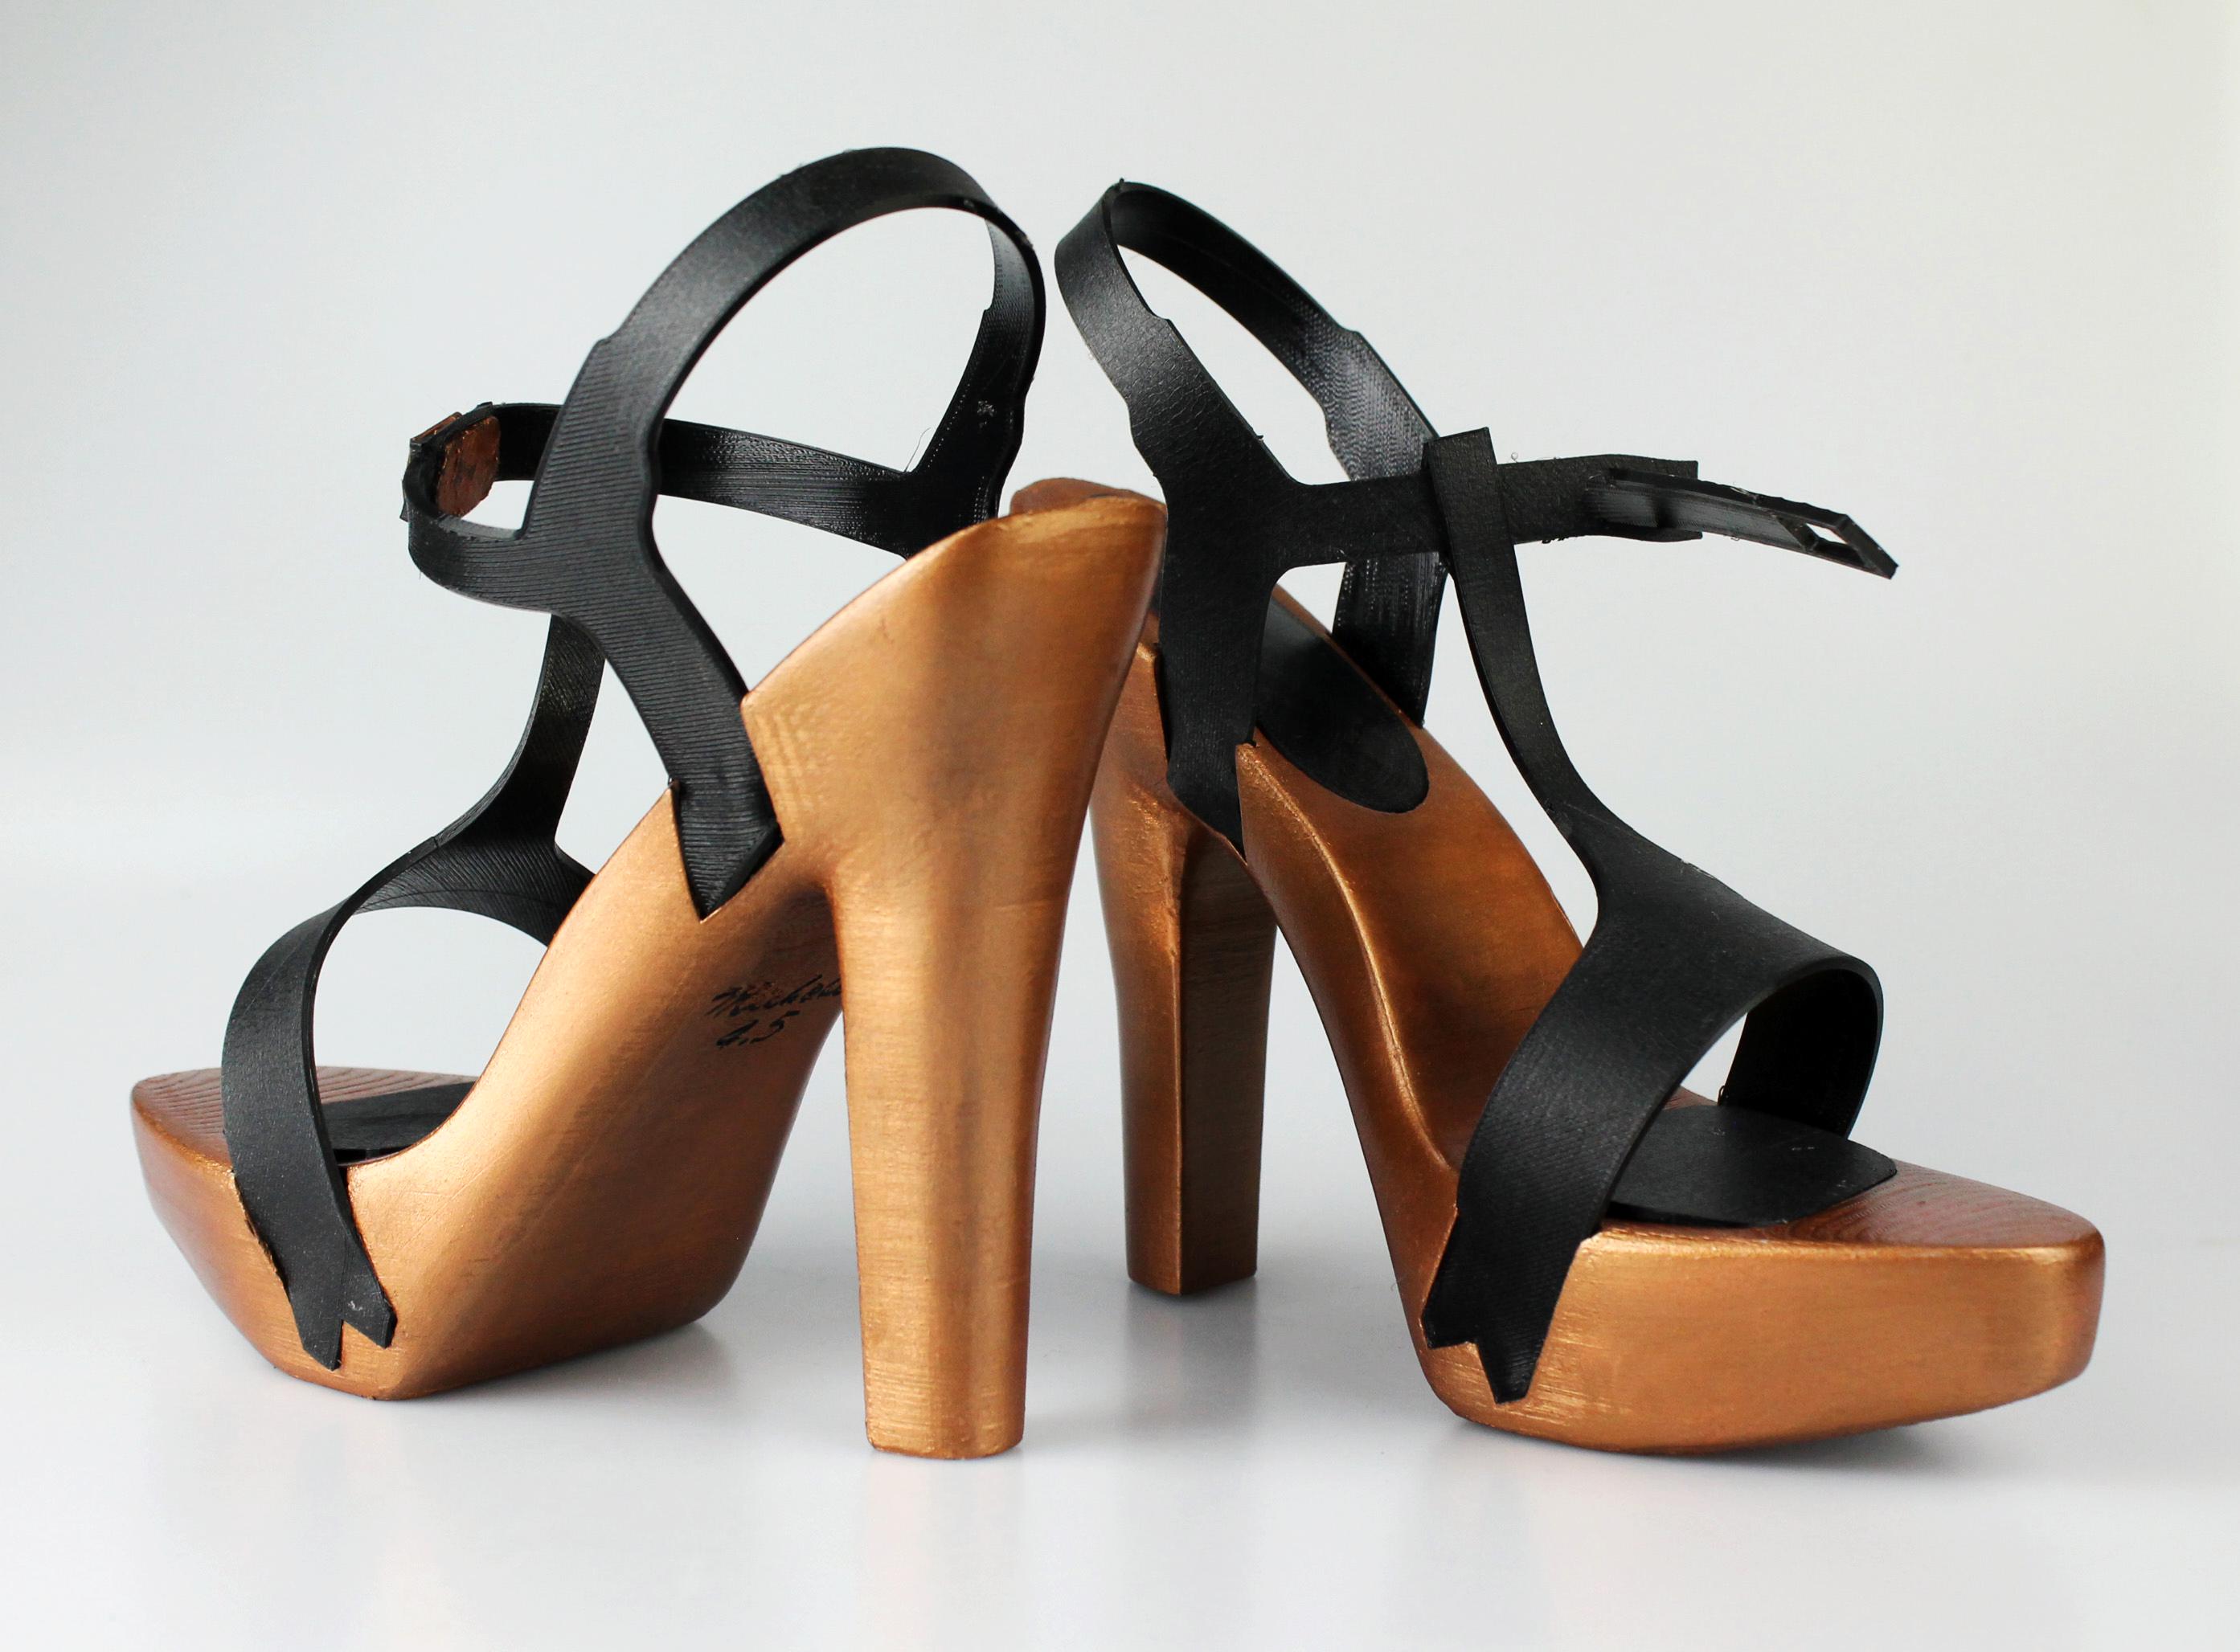 Italian Designer S Sensual 3d Printed High Heel Shoe 3d